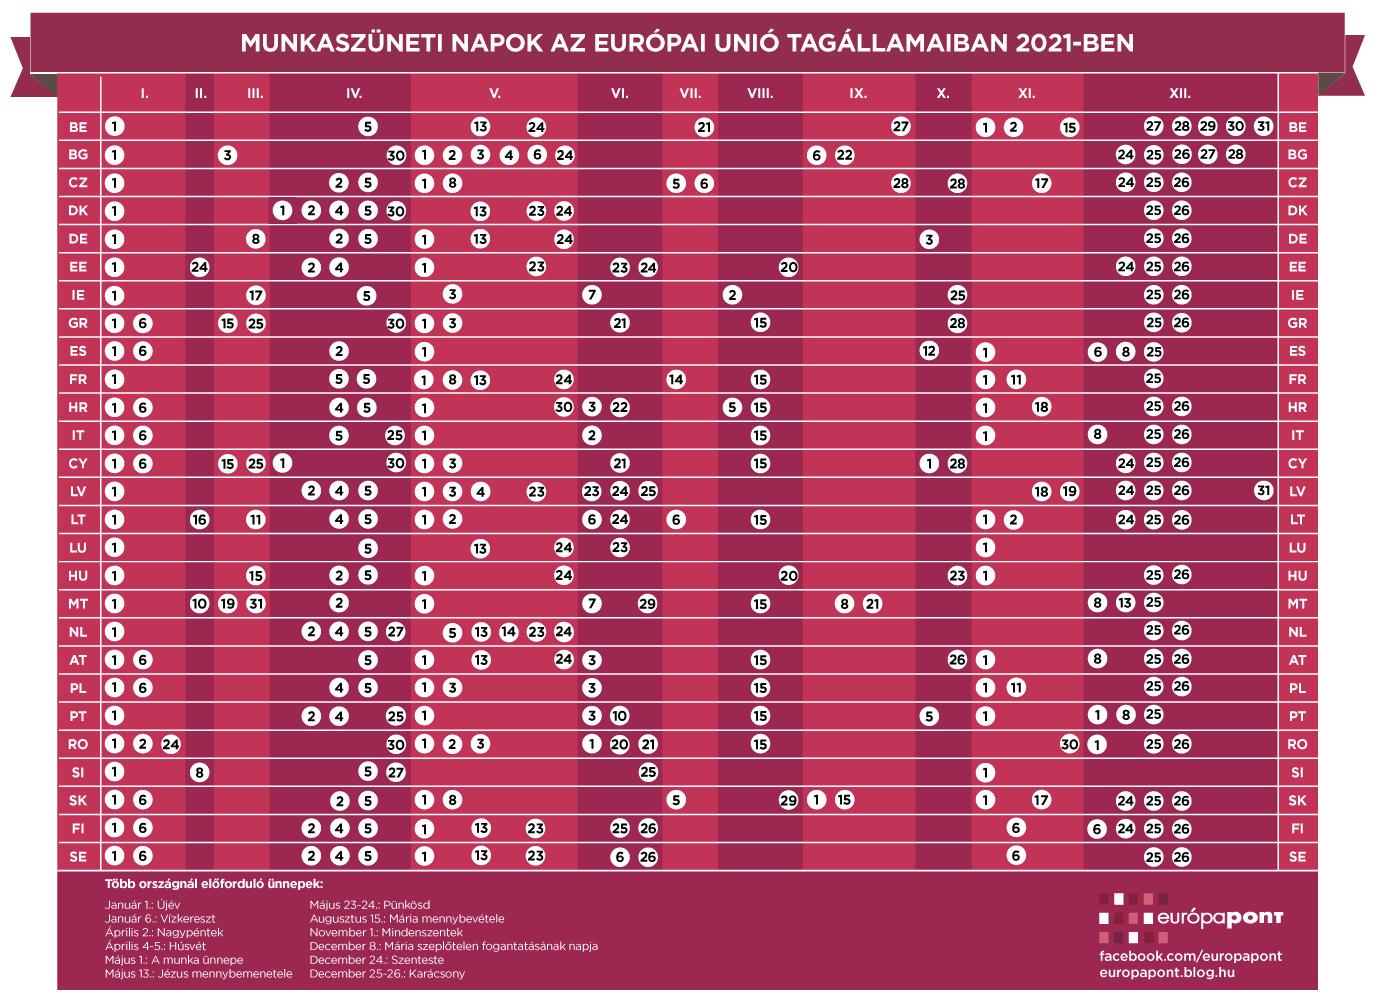 unnepnapok_2021-01.png